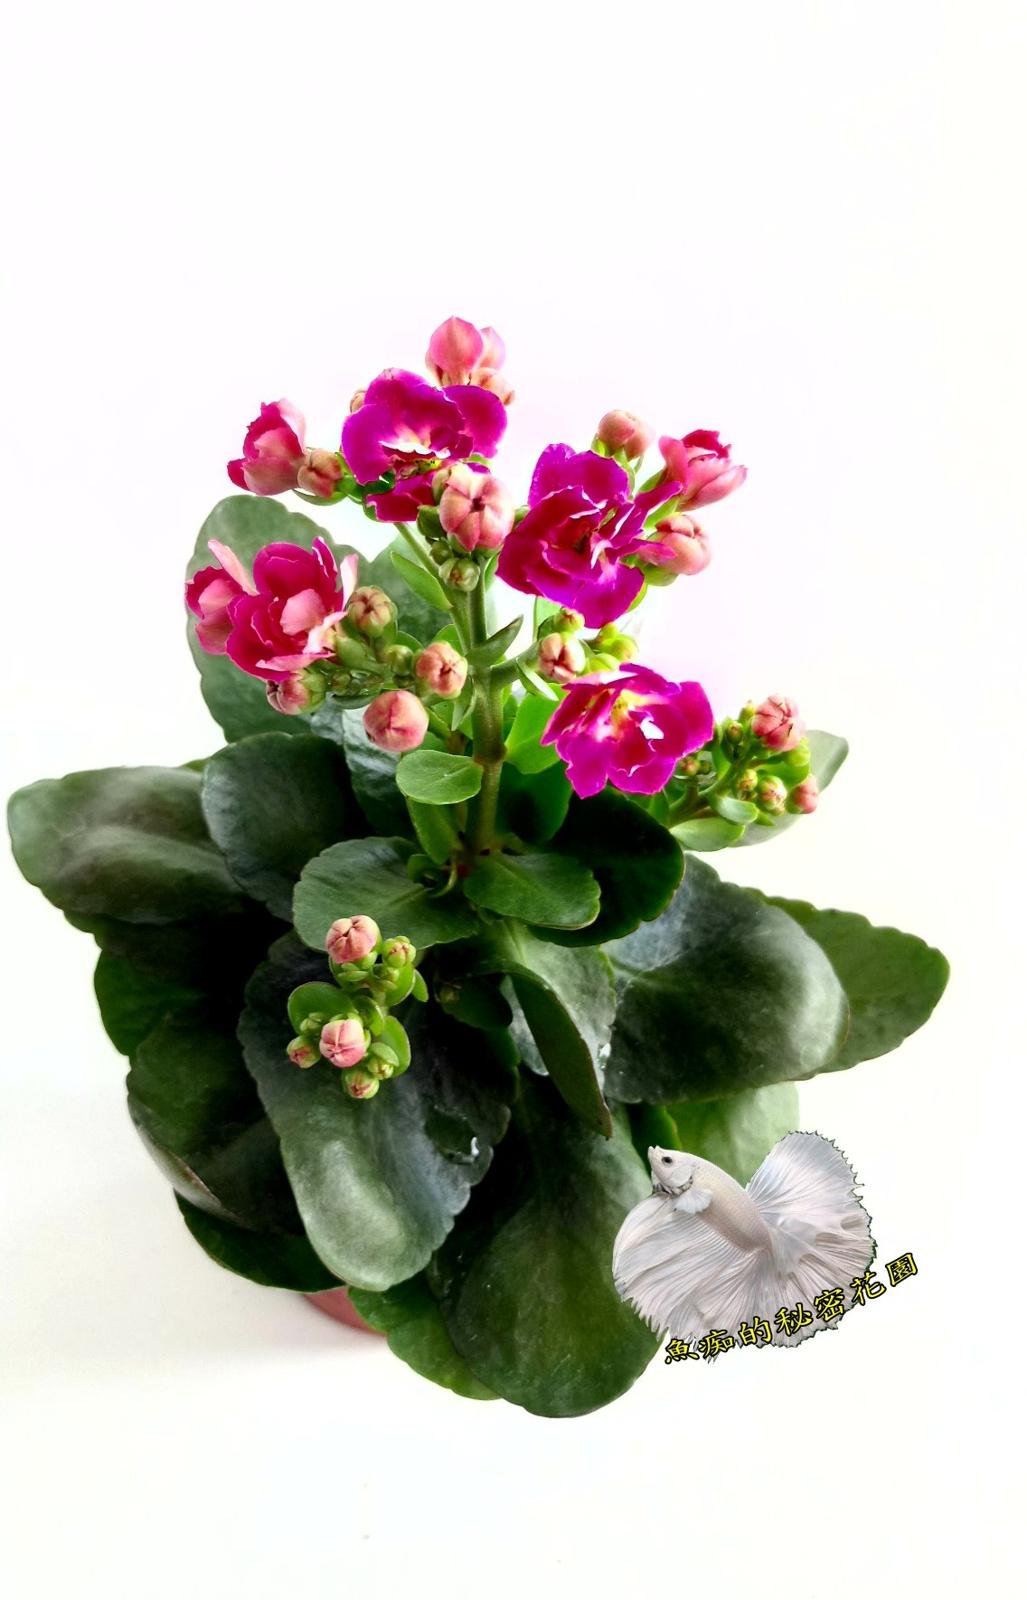 [桃色] 重瓣複辦多辦長壽花盆栽  3吋盆活體盆栽